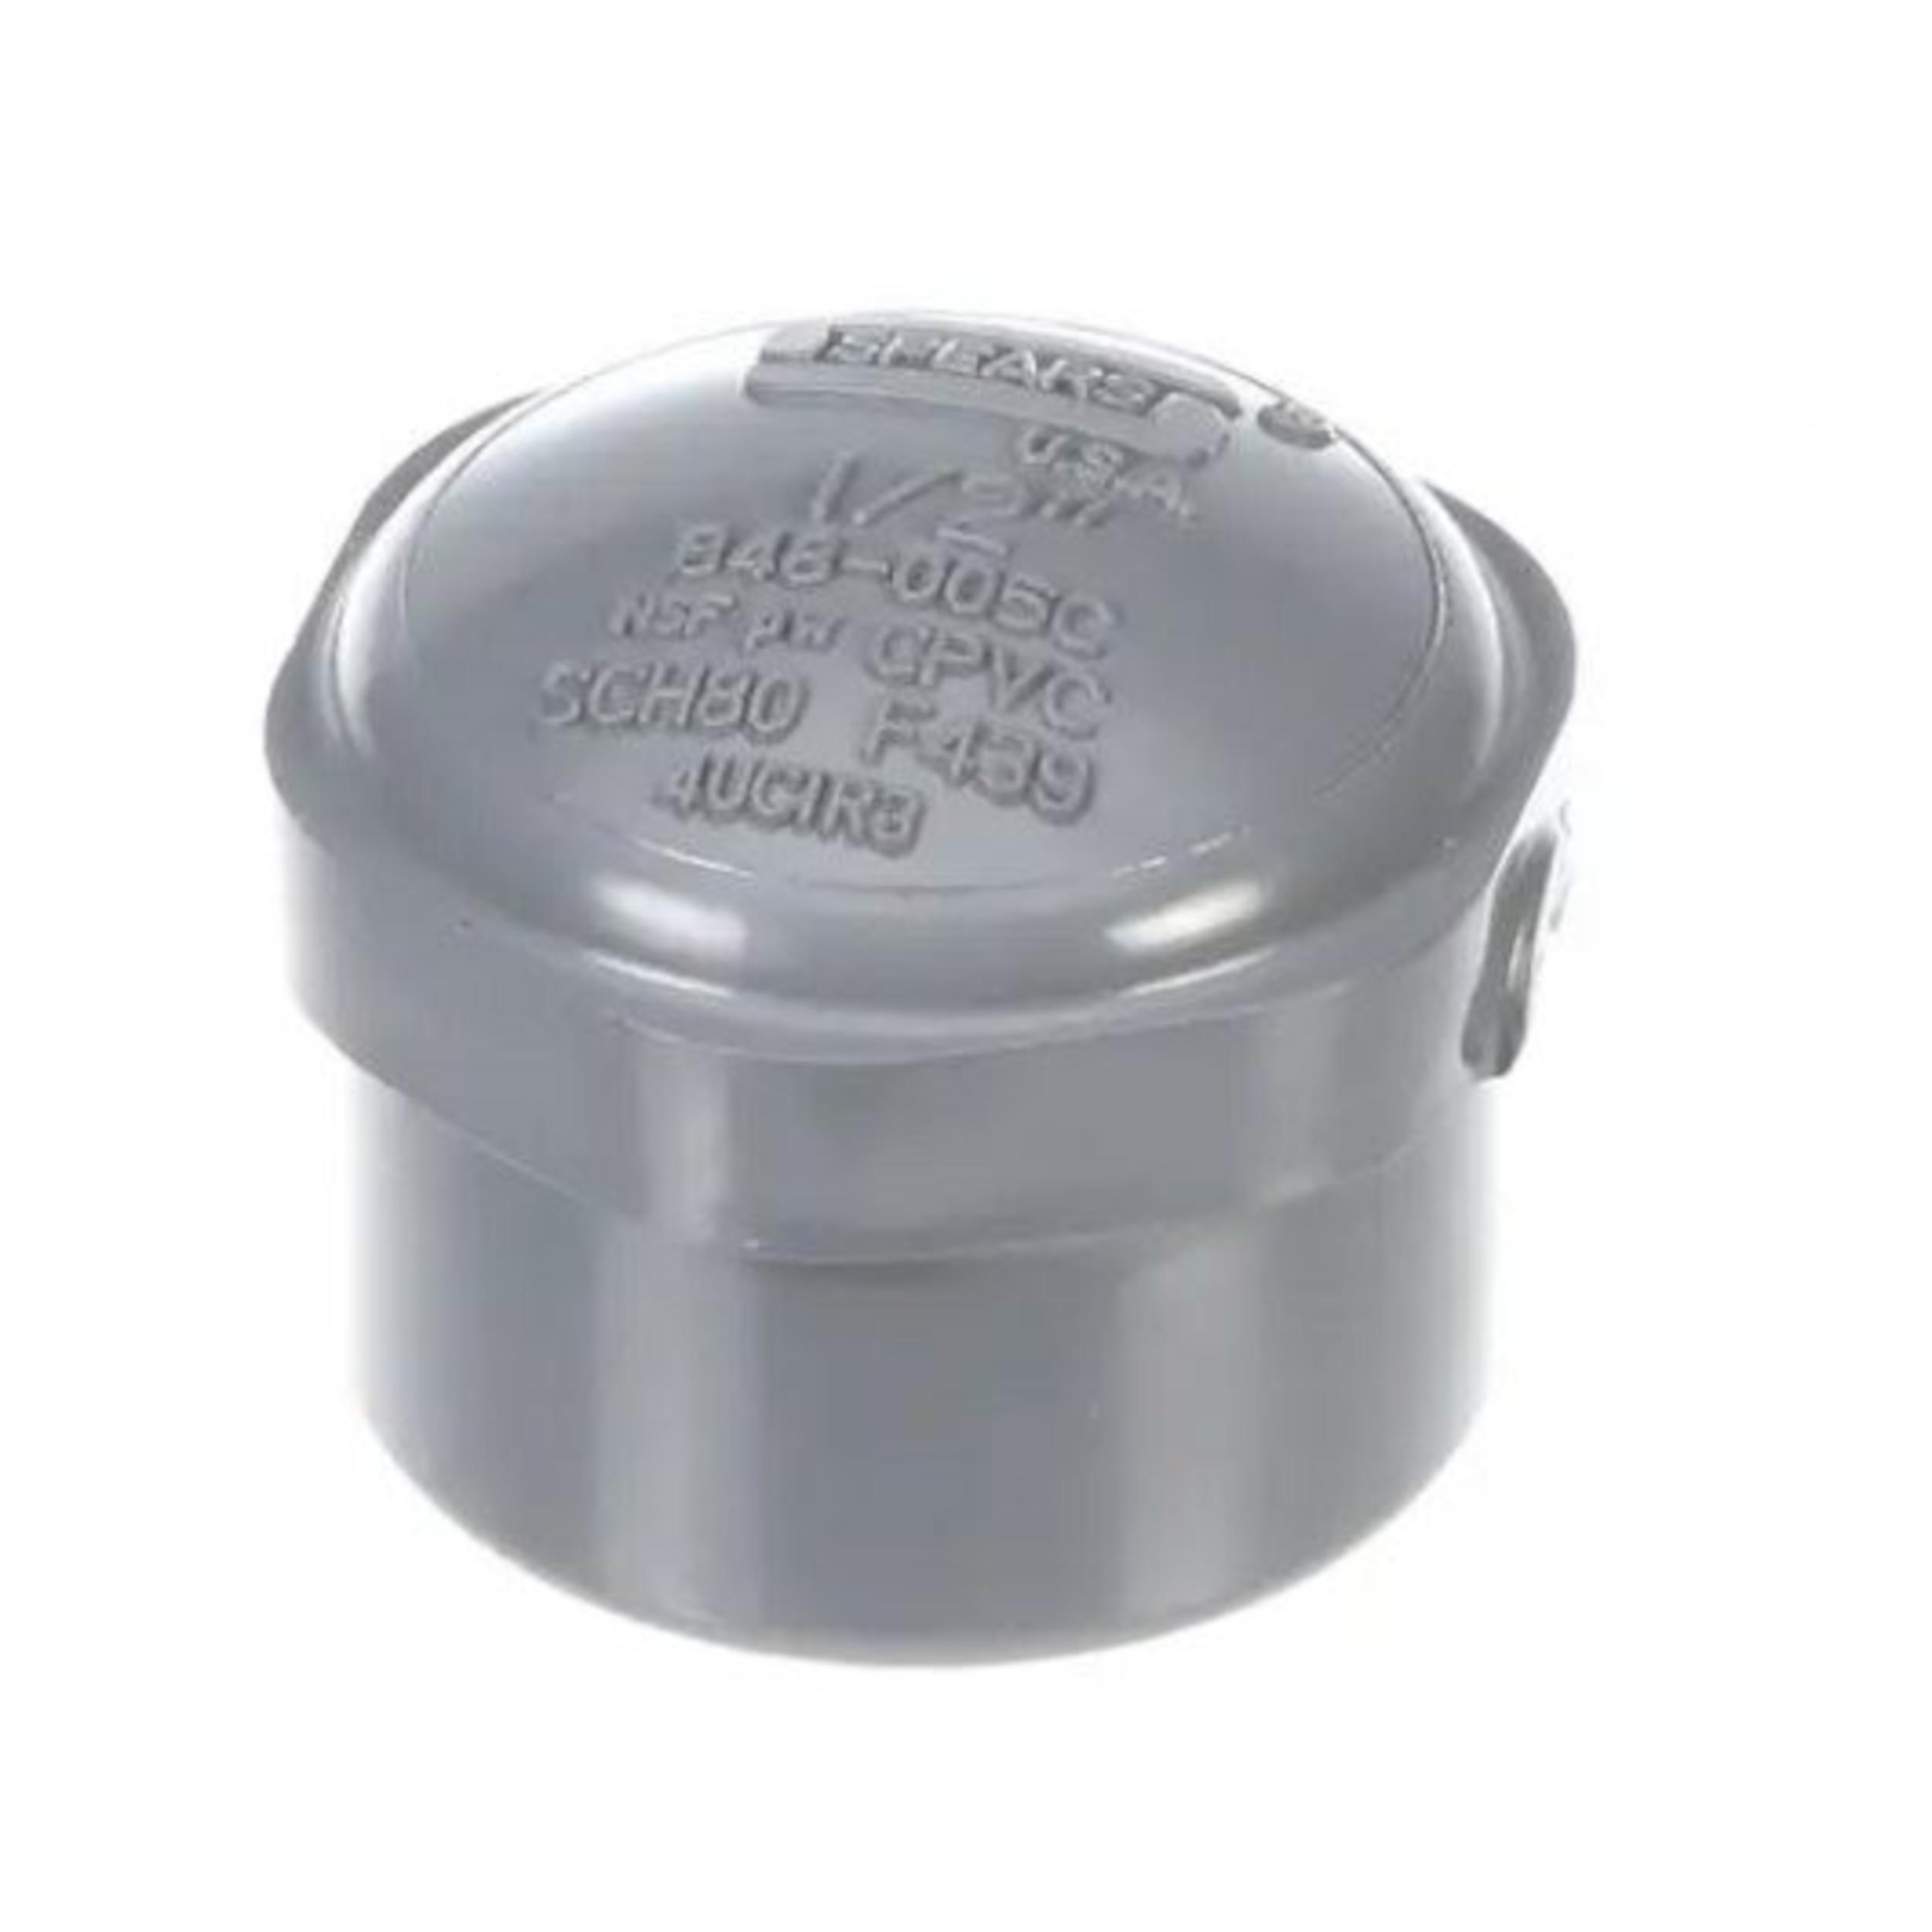 STERO - 0P-681293 - CAP